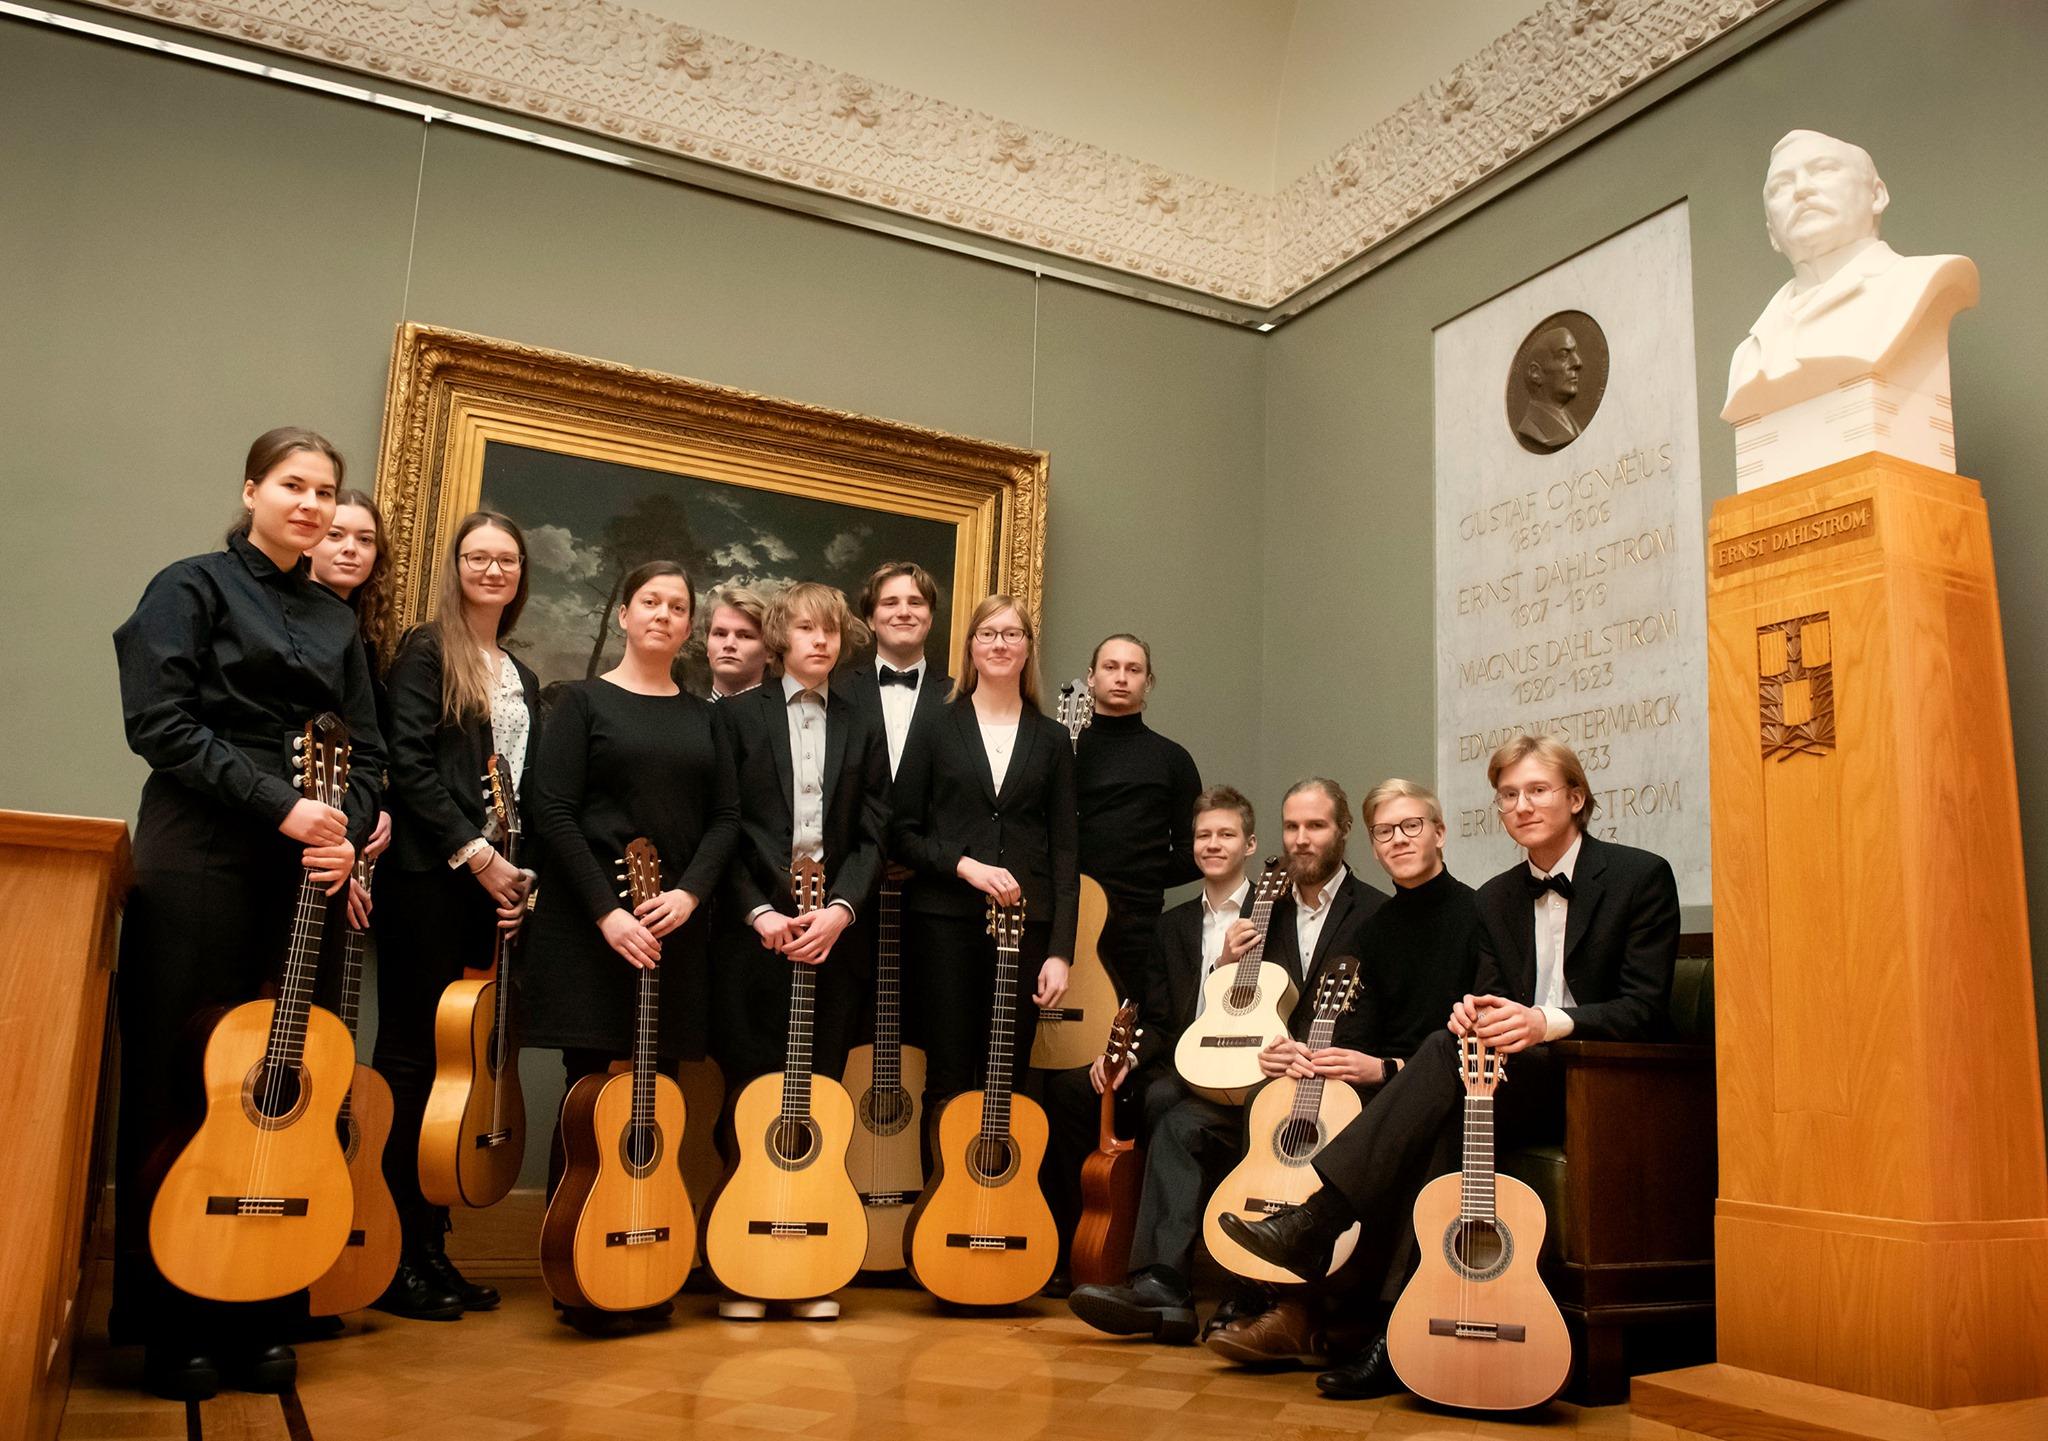 Turun konservatorion kitaristeja valokuvassa